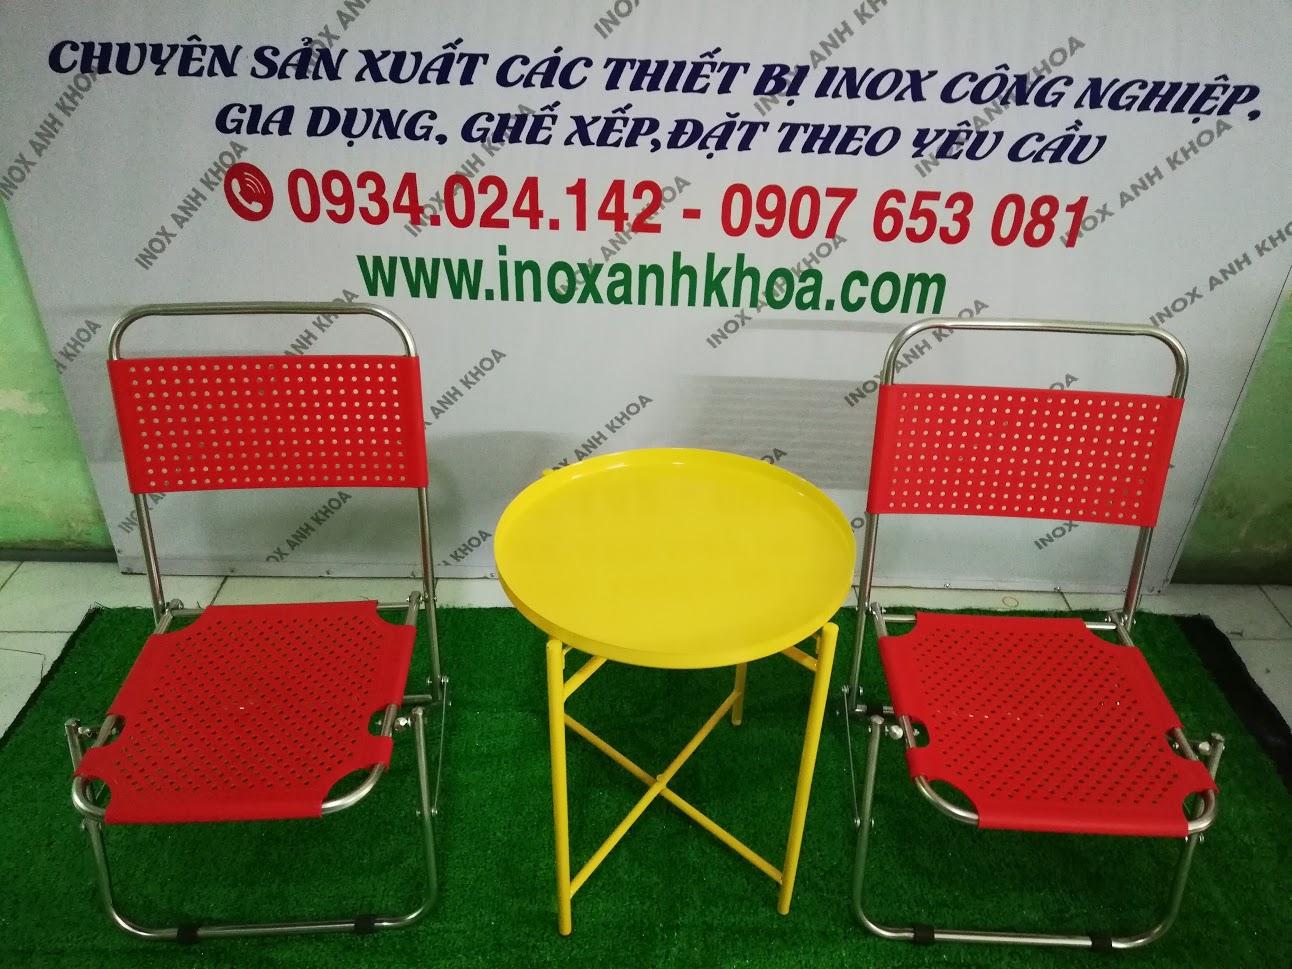 Xưởng sản xuất ghế xếp lưới Inox mặt nhựa giá rẻ